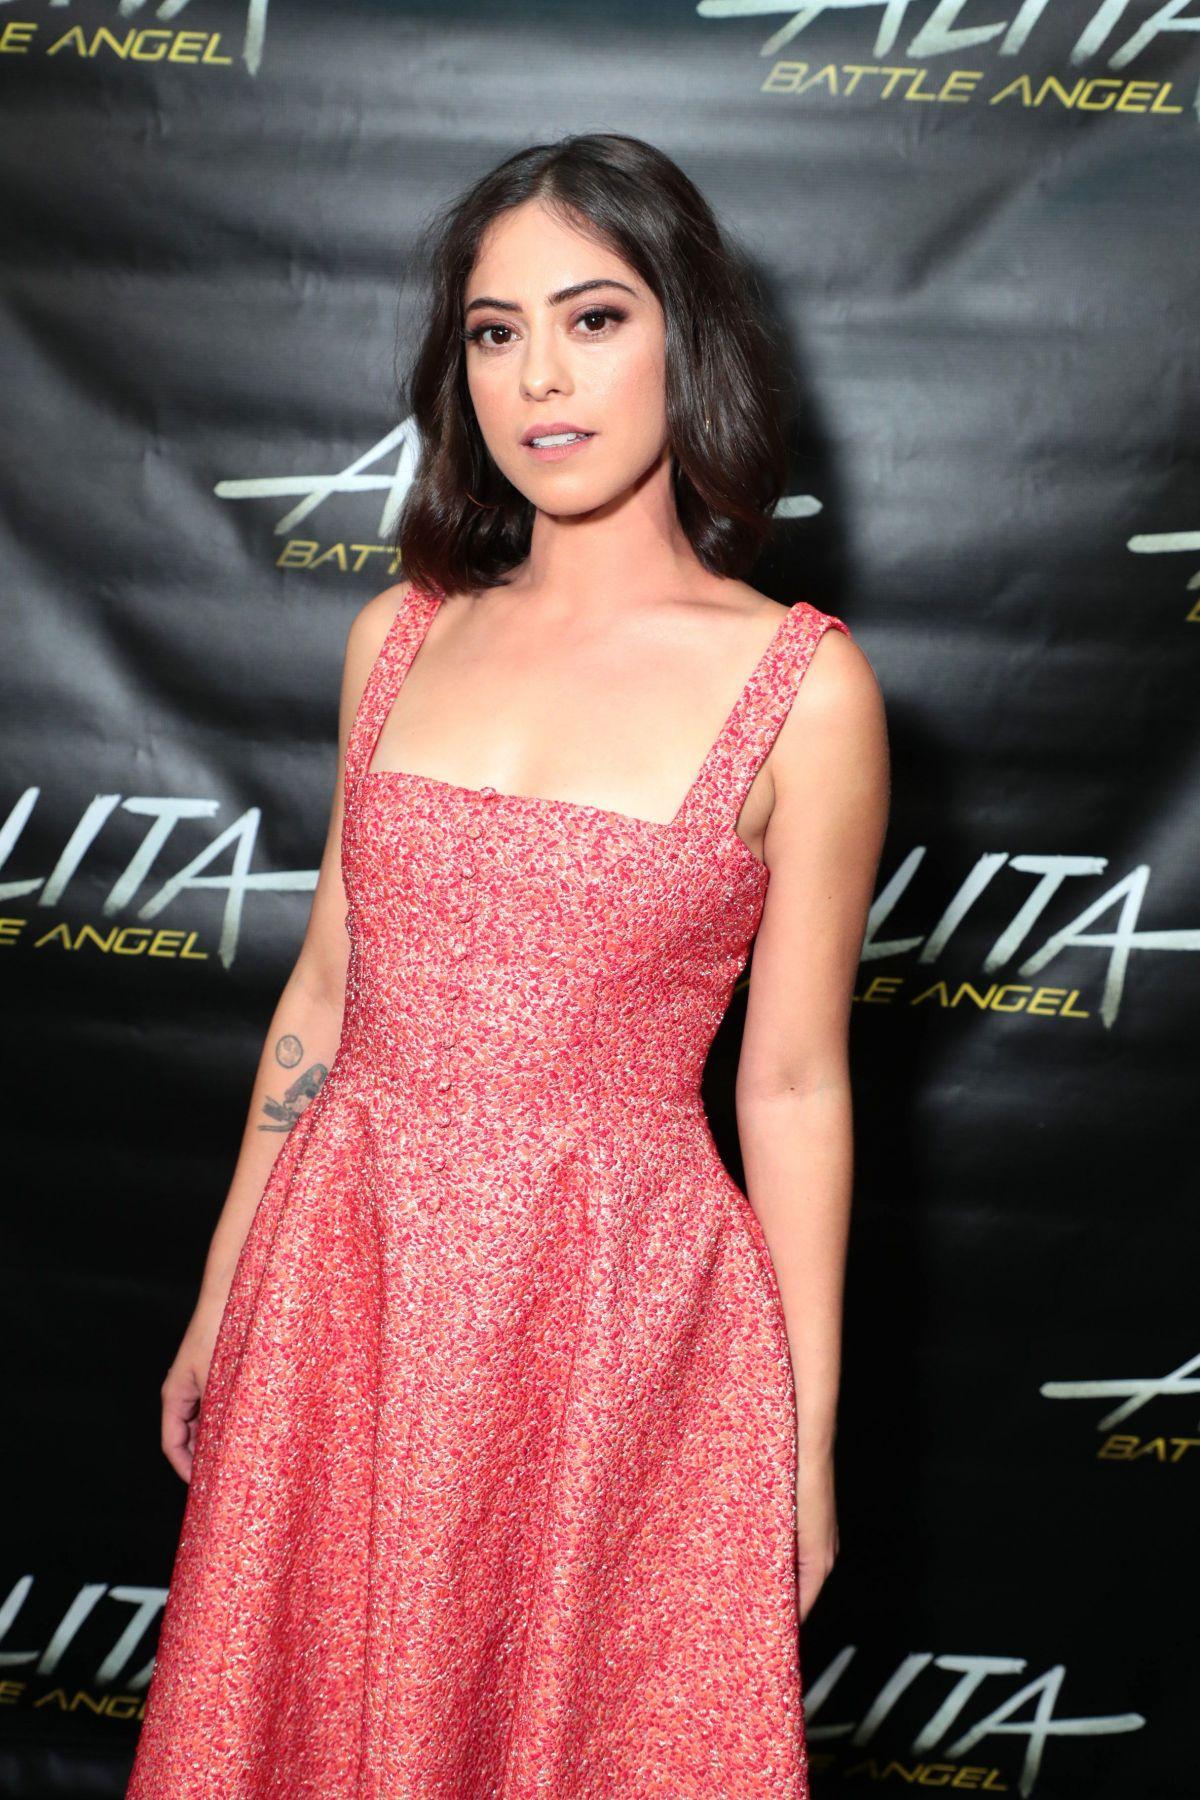 Rosa Salazar en robe décolletée